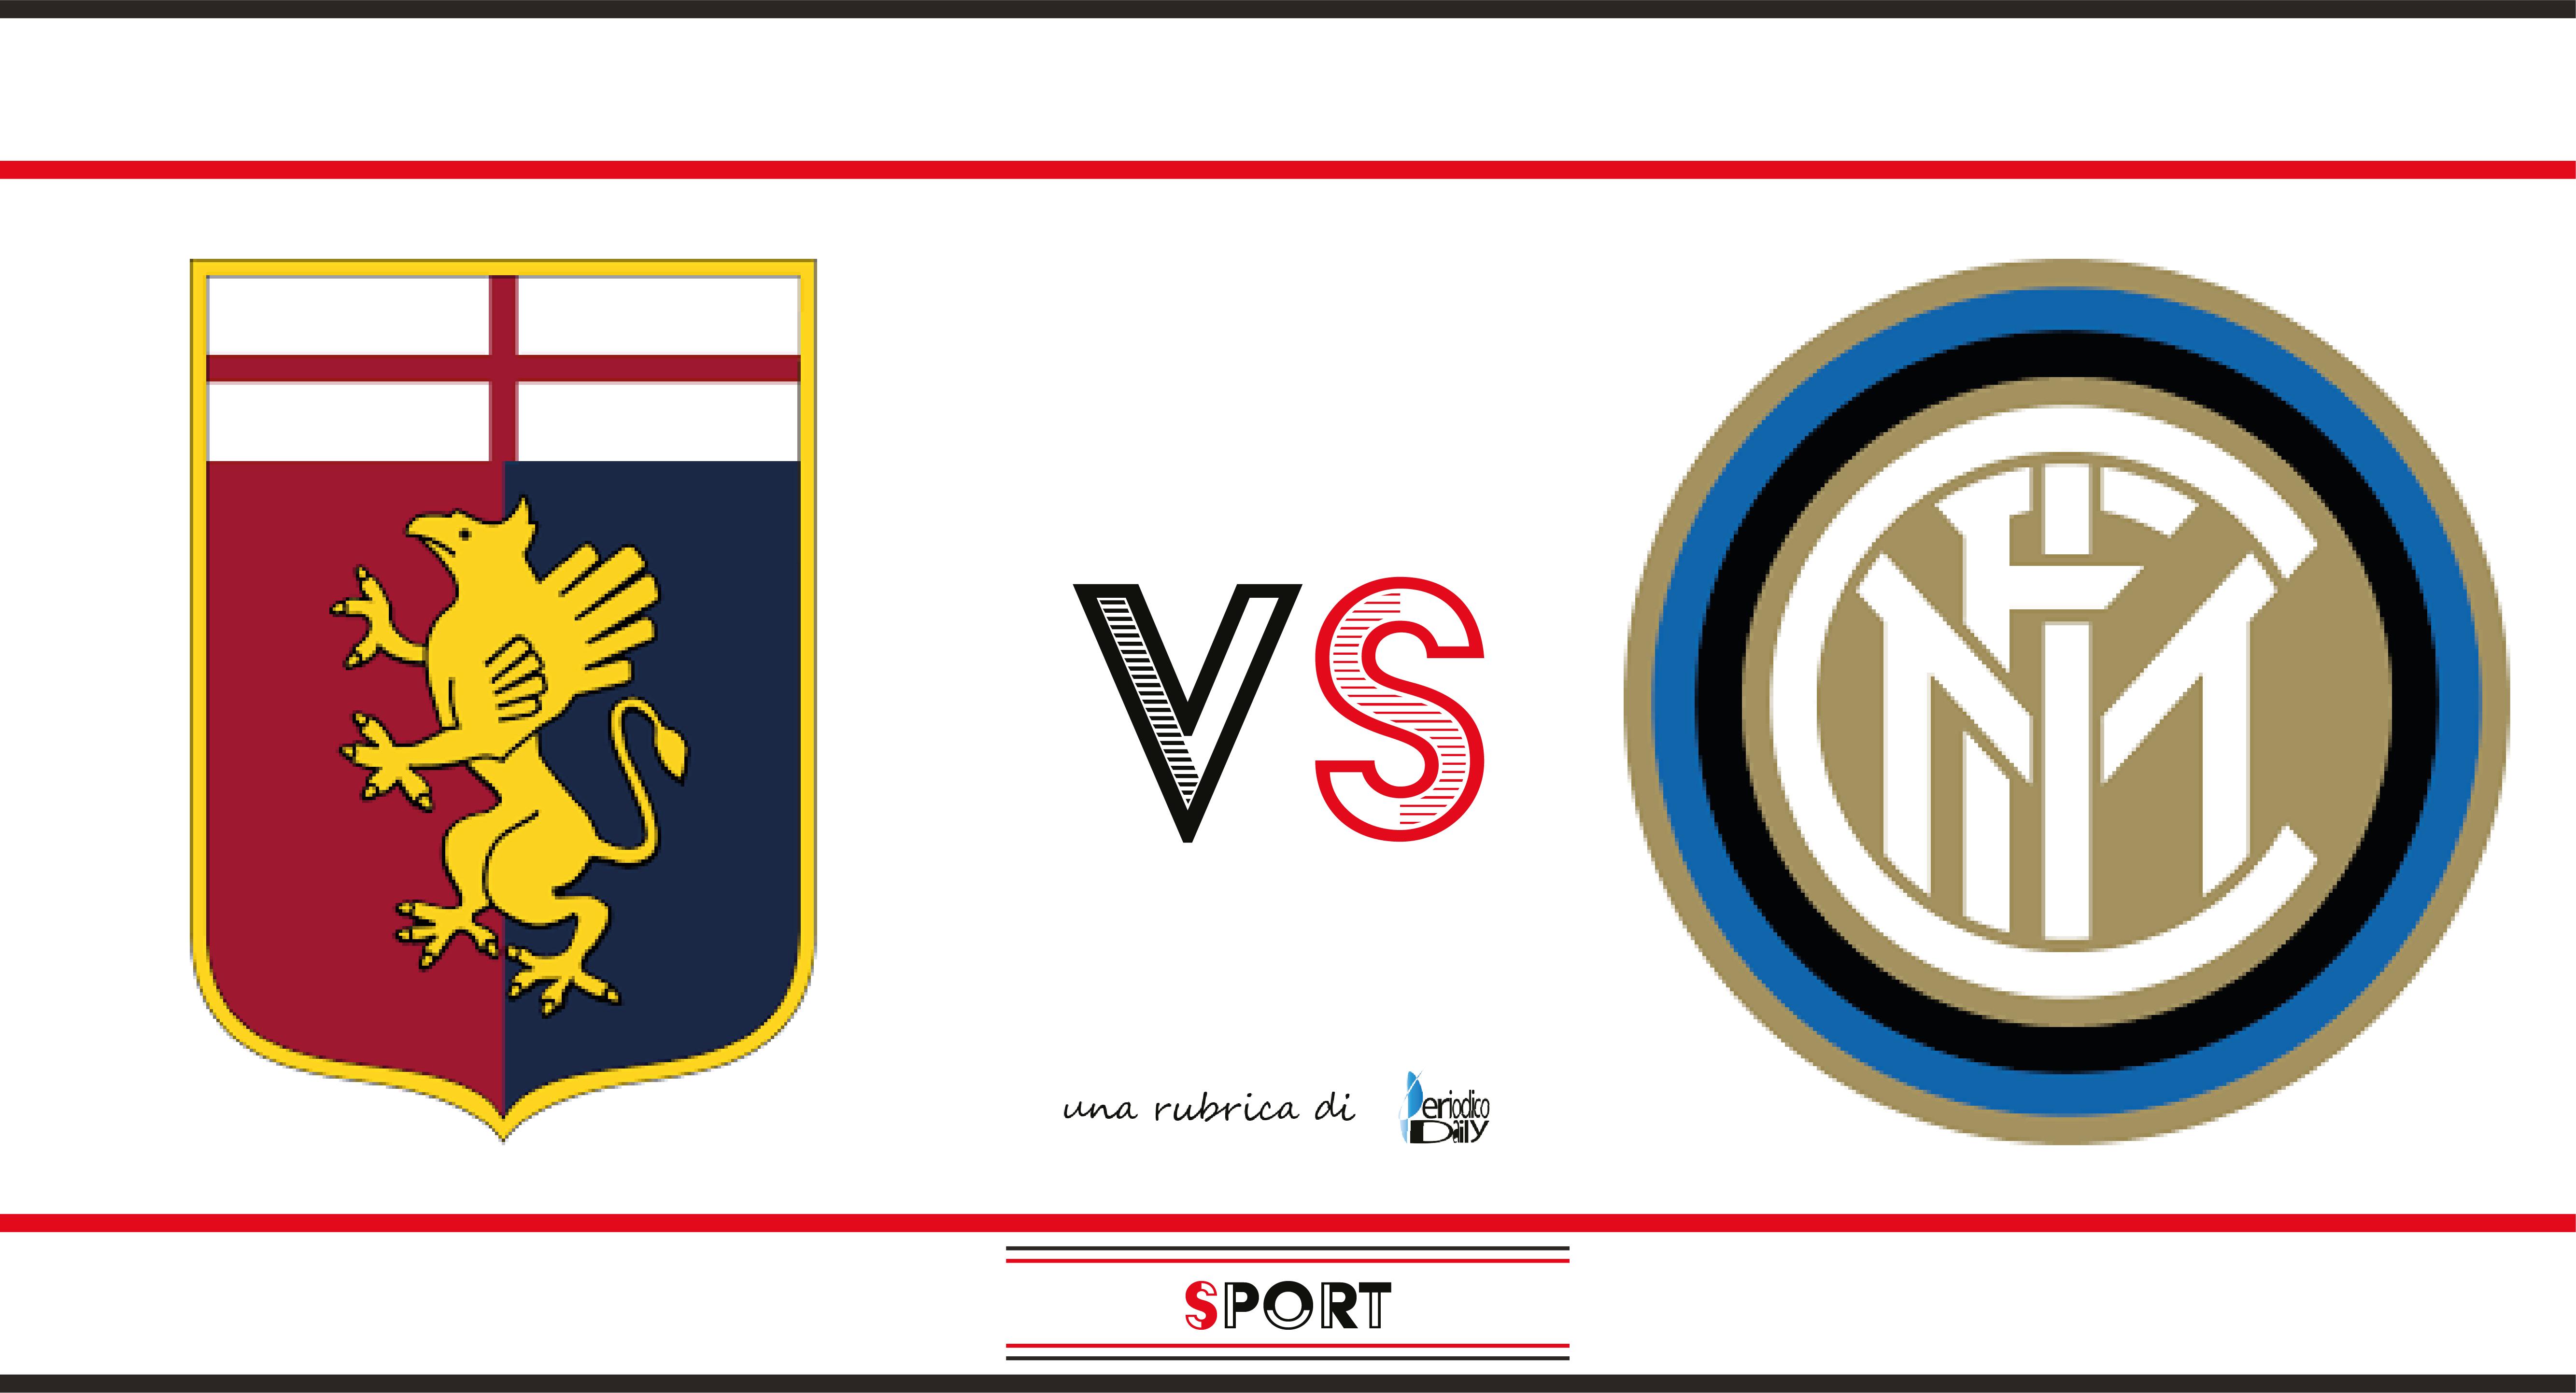 Inter Milano vs Genoa CFC 21 December 2019 - Soccer  |Genoa,-inter